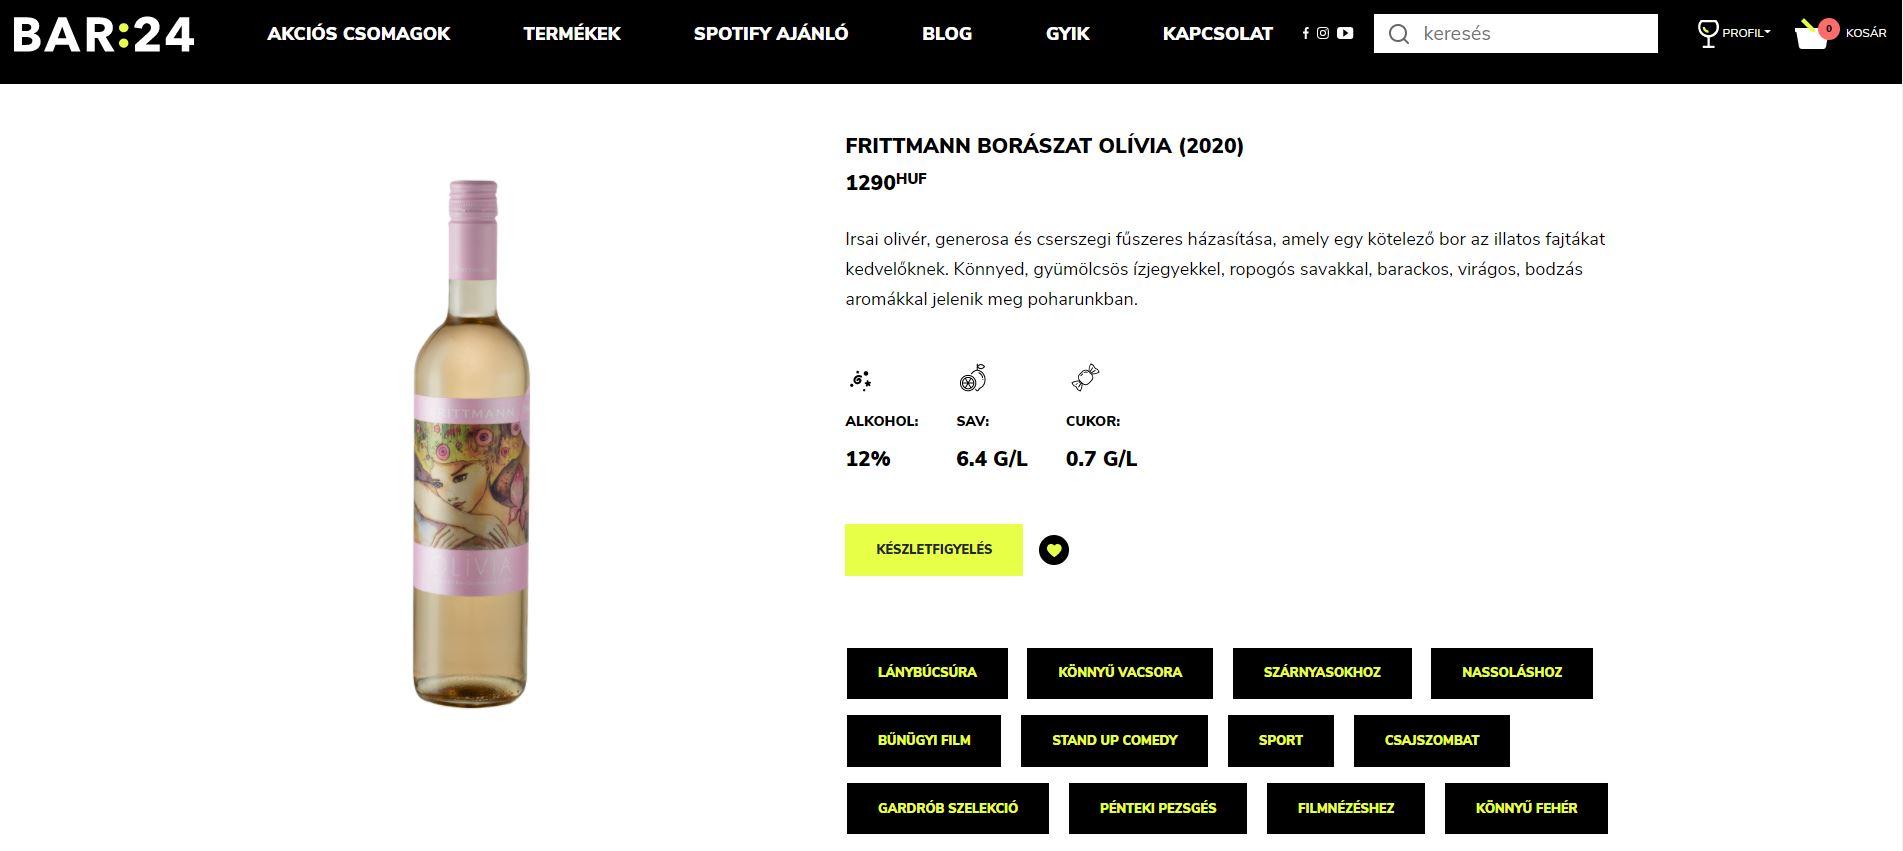 bor24-winedata.JPG